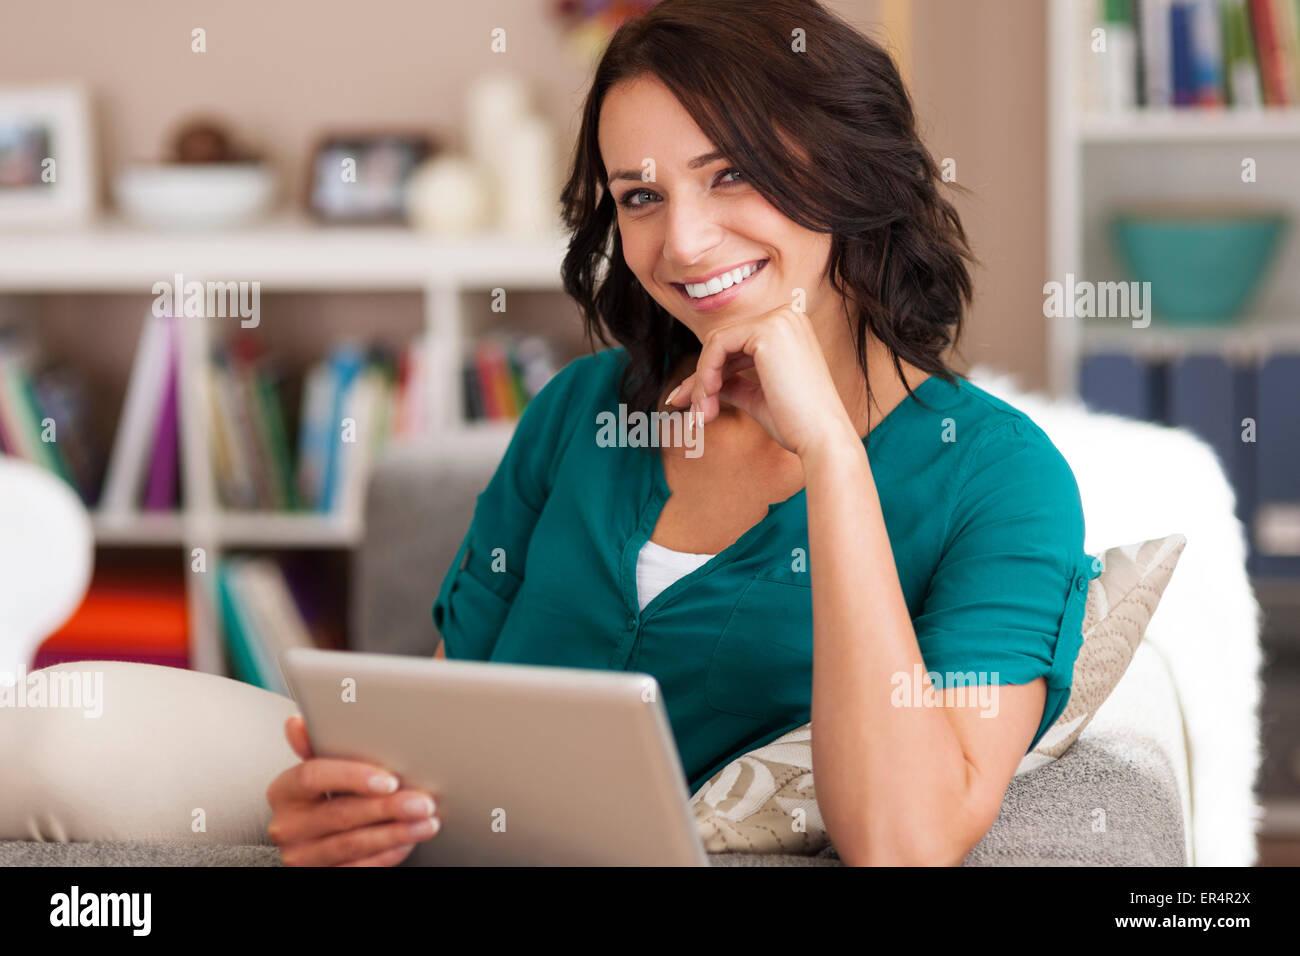 J'ai internet sans fil dans ma maison. Debica, Pologne Photo Stock